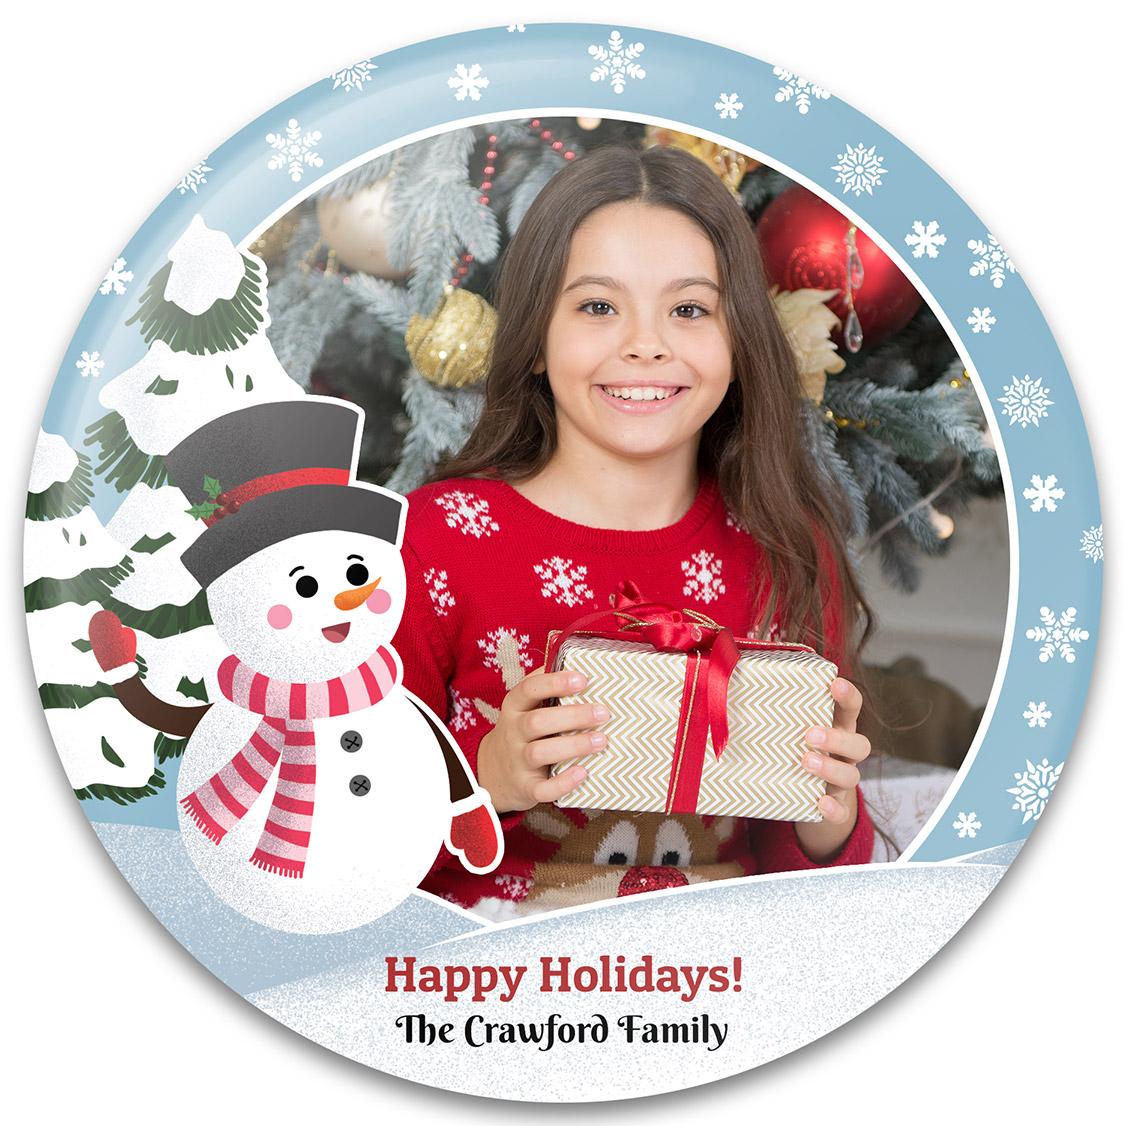 Winter Wonderland Christmas Photo Gift